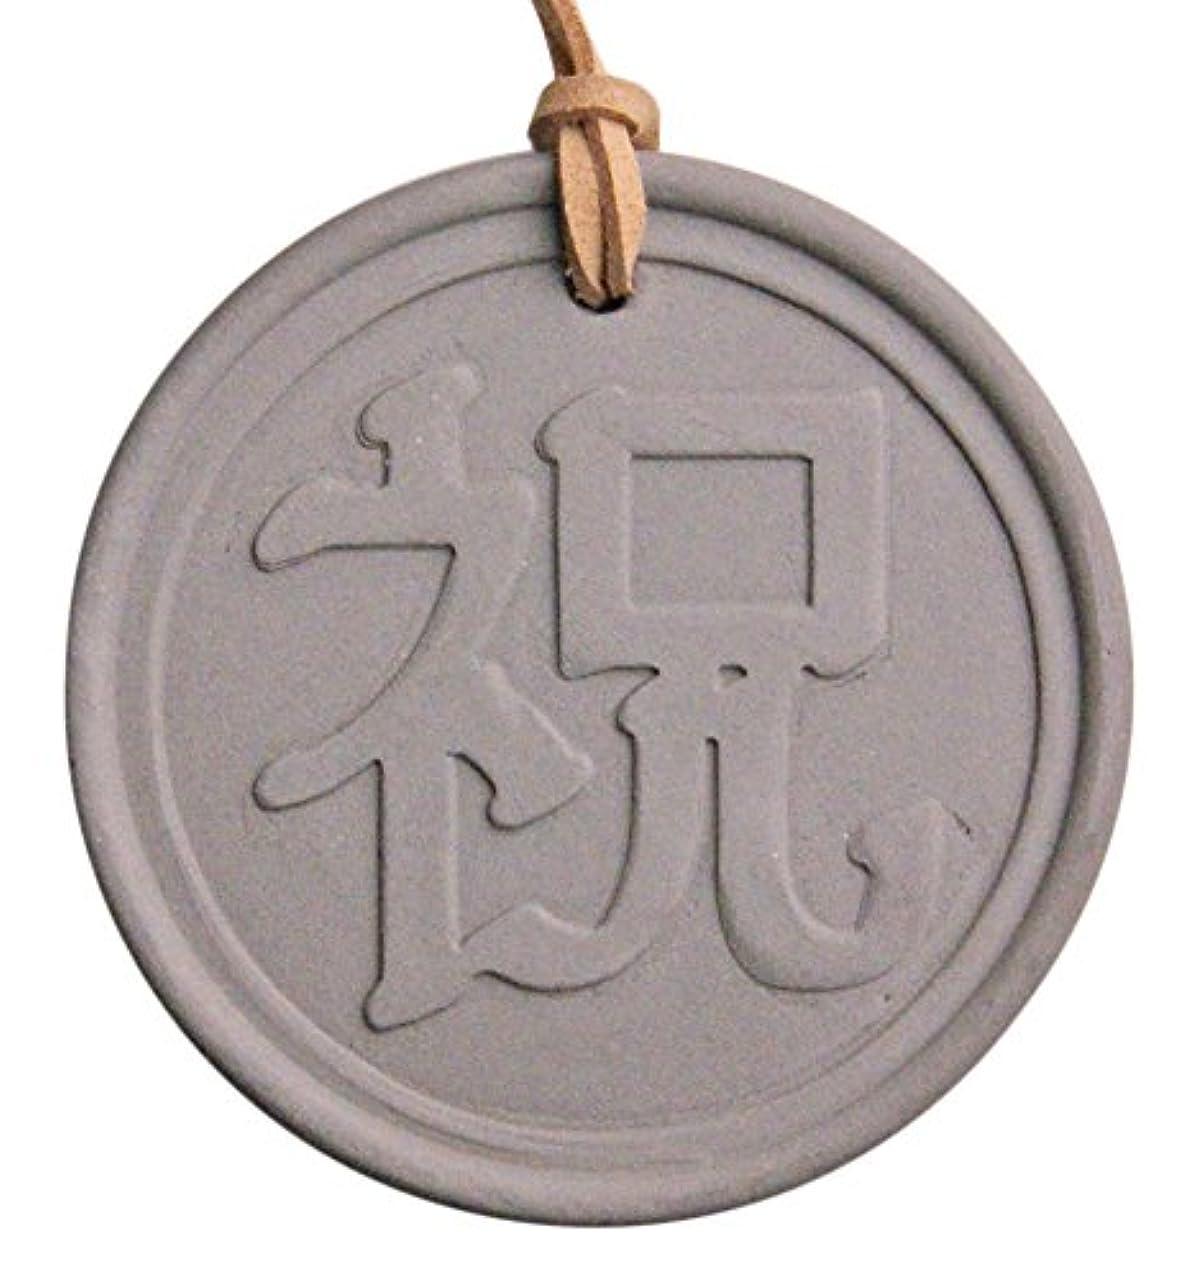 アルファベットスマート慢性的KAVAアロマプレート&アロマオイルセット (アロマプレート:祝 黒、アロマオイル:沖縄ハイビスカス&ローズの香り 5ml)